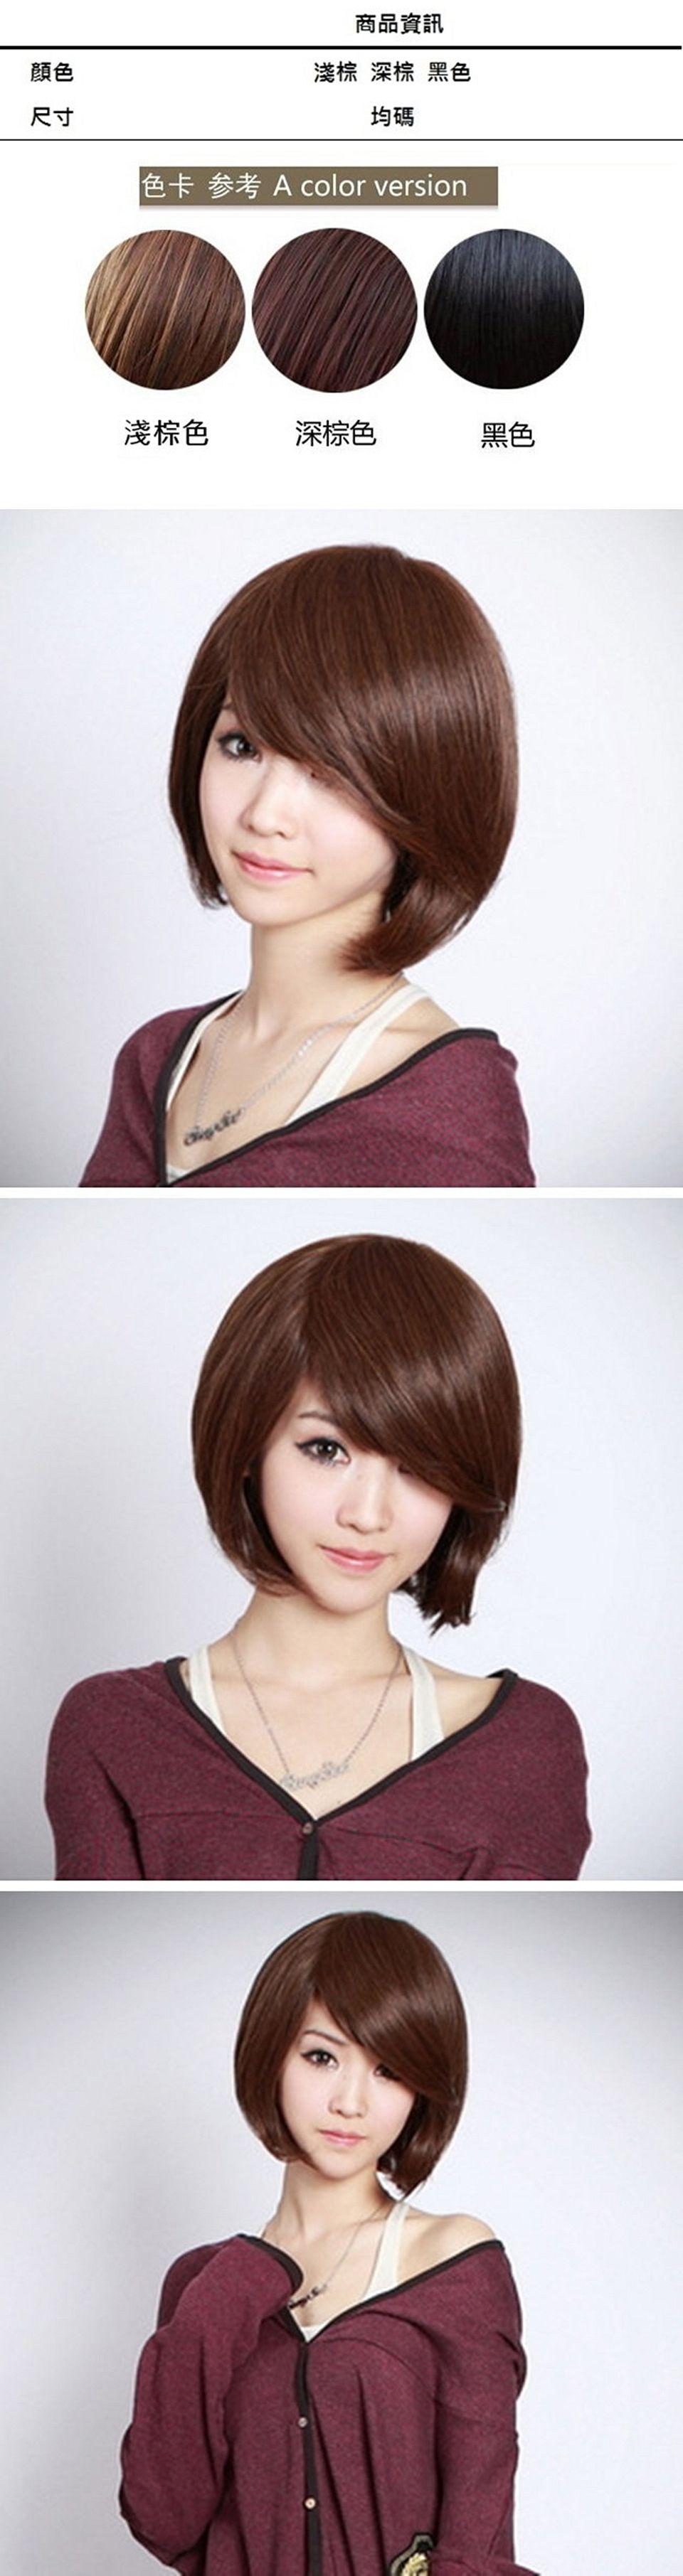 女假髮、整頂假髮